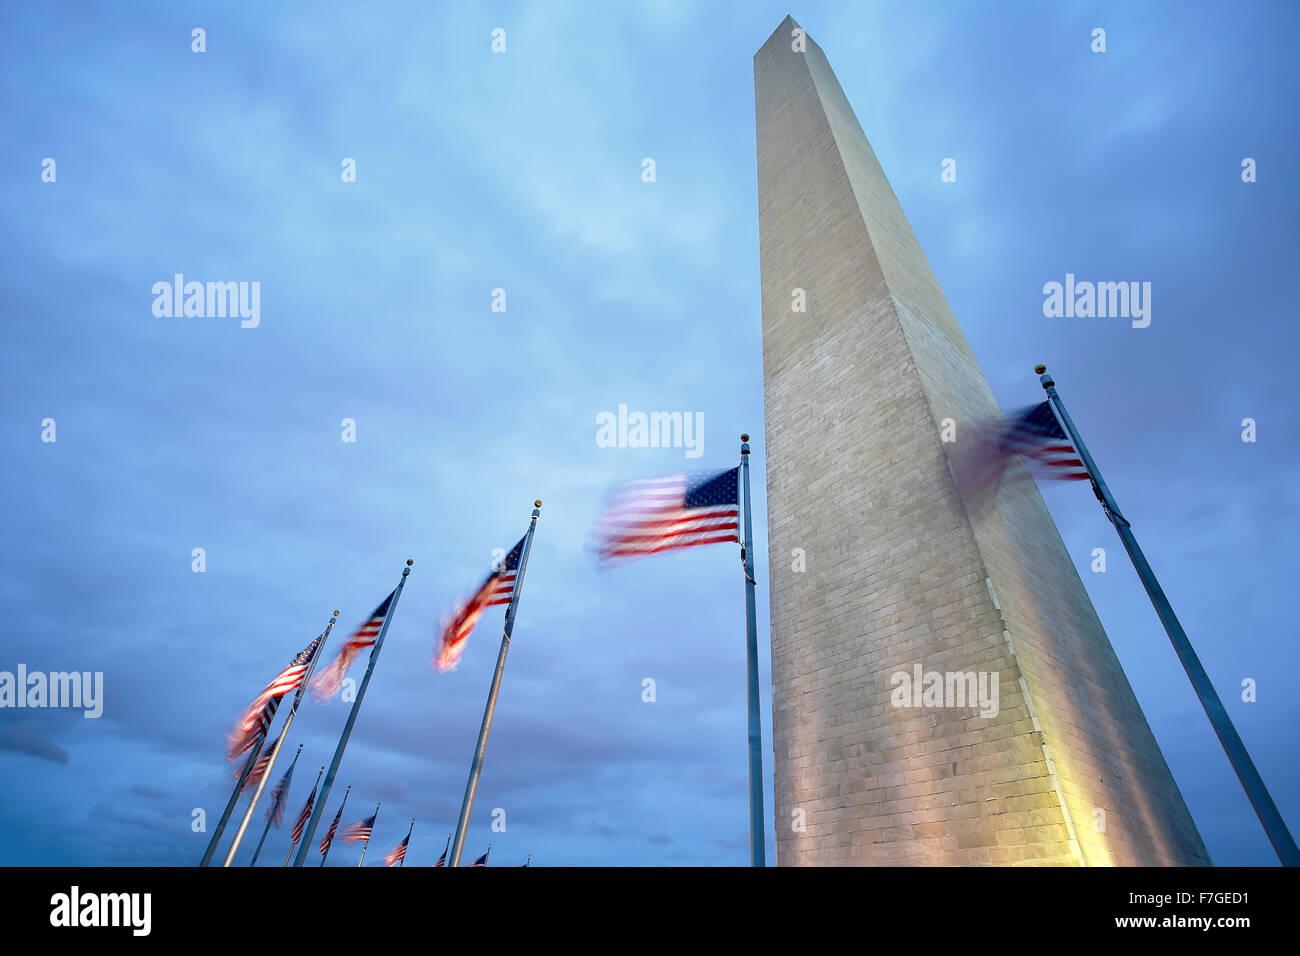 Washington Memorial y las banderas americanas, Washington, Distrito de Columbia, EE.UU. Imagen De Stock